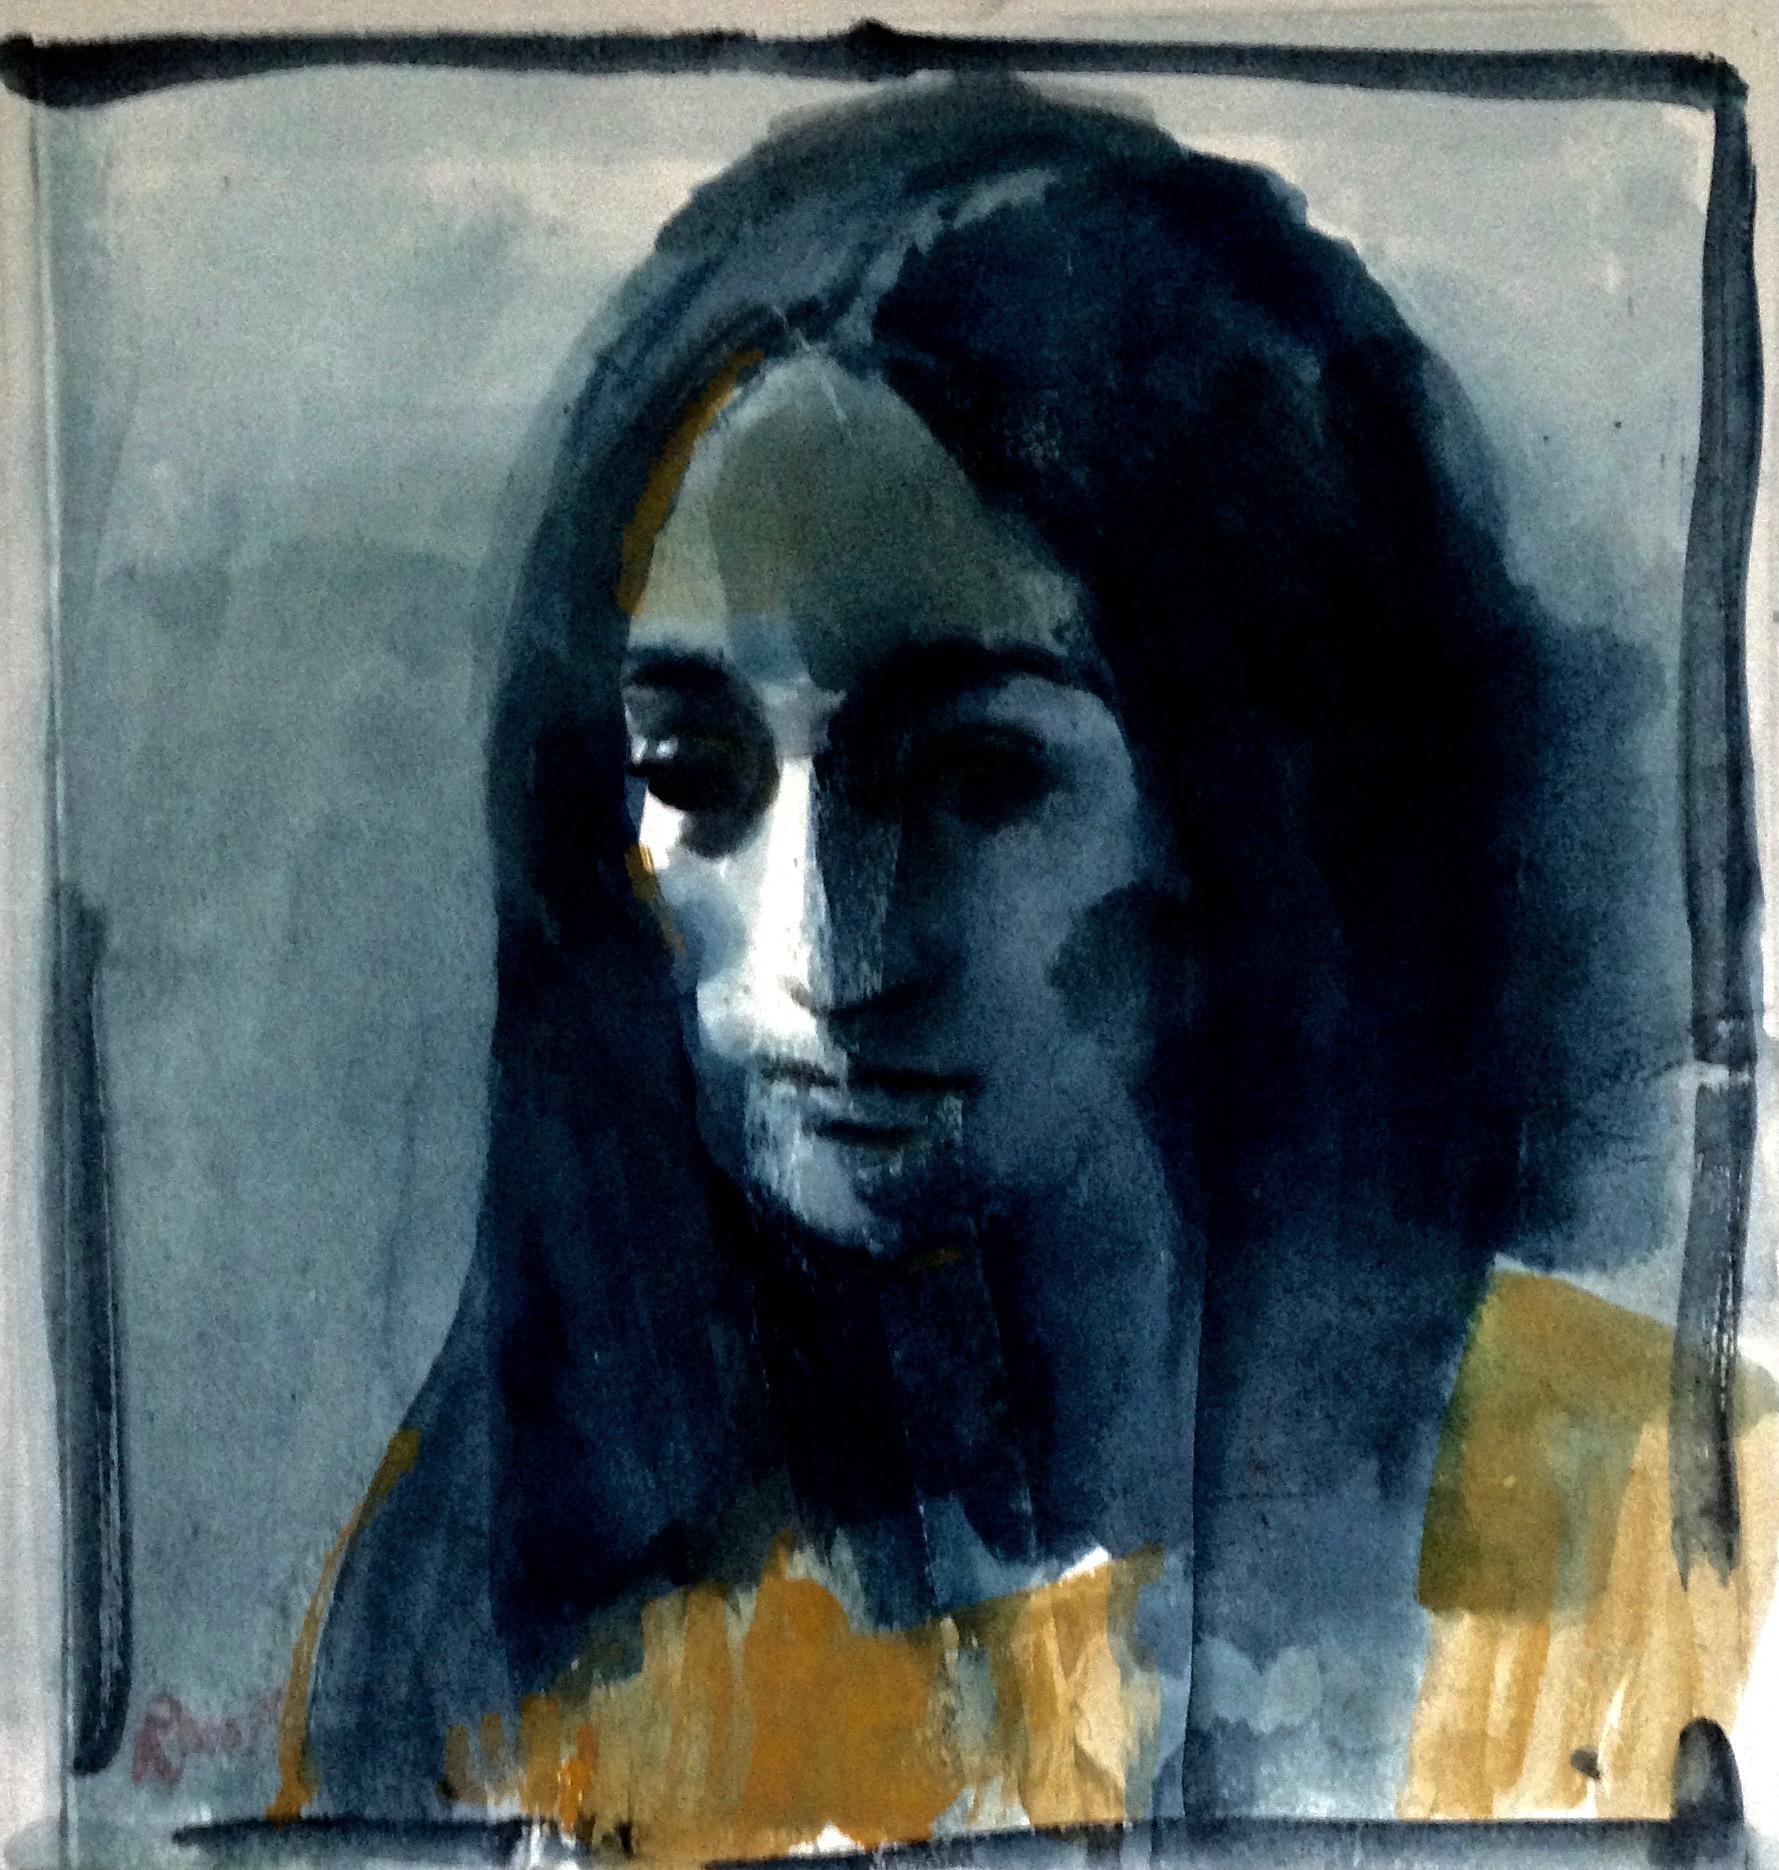 ritratto Lucia, pennello acqua indaco  e ocra su carta Arche  45x 39 cm 2019